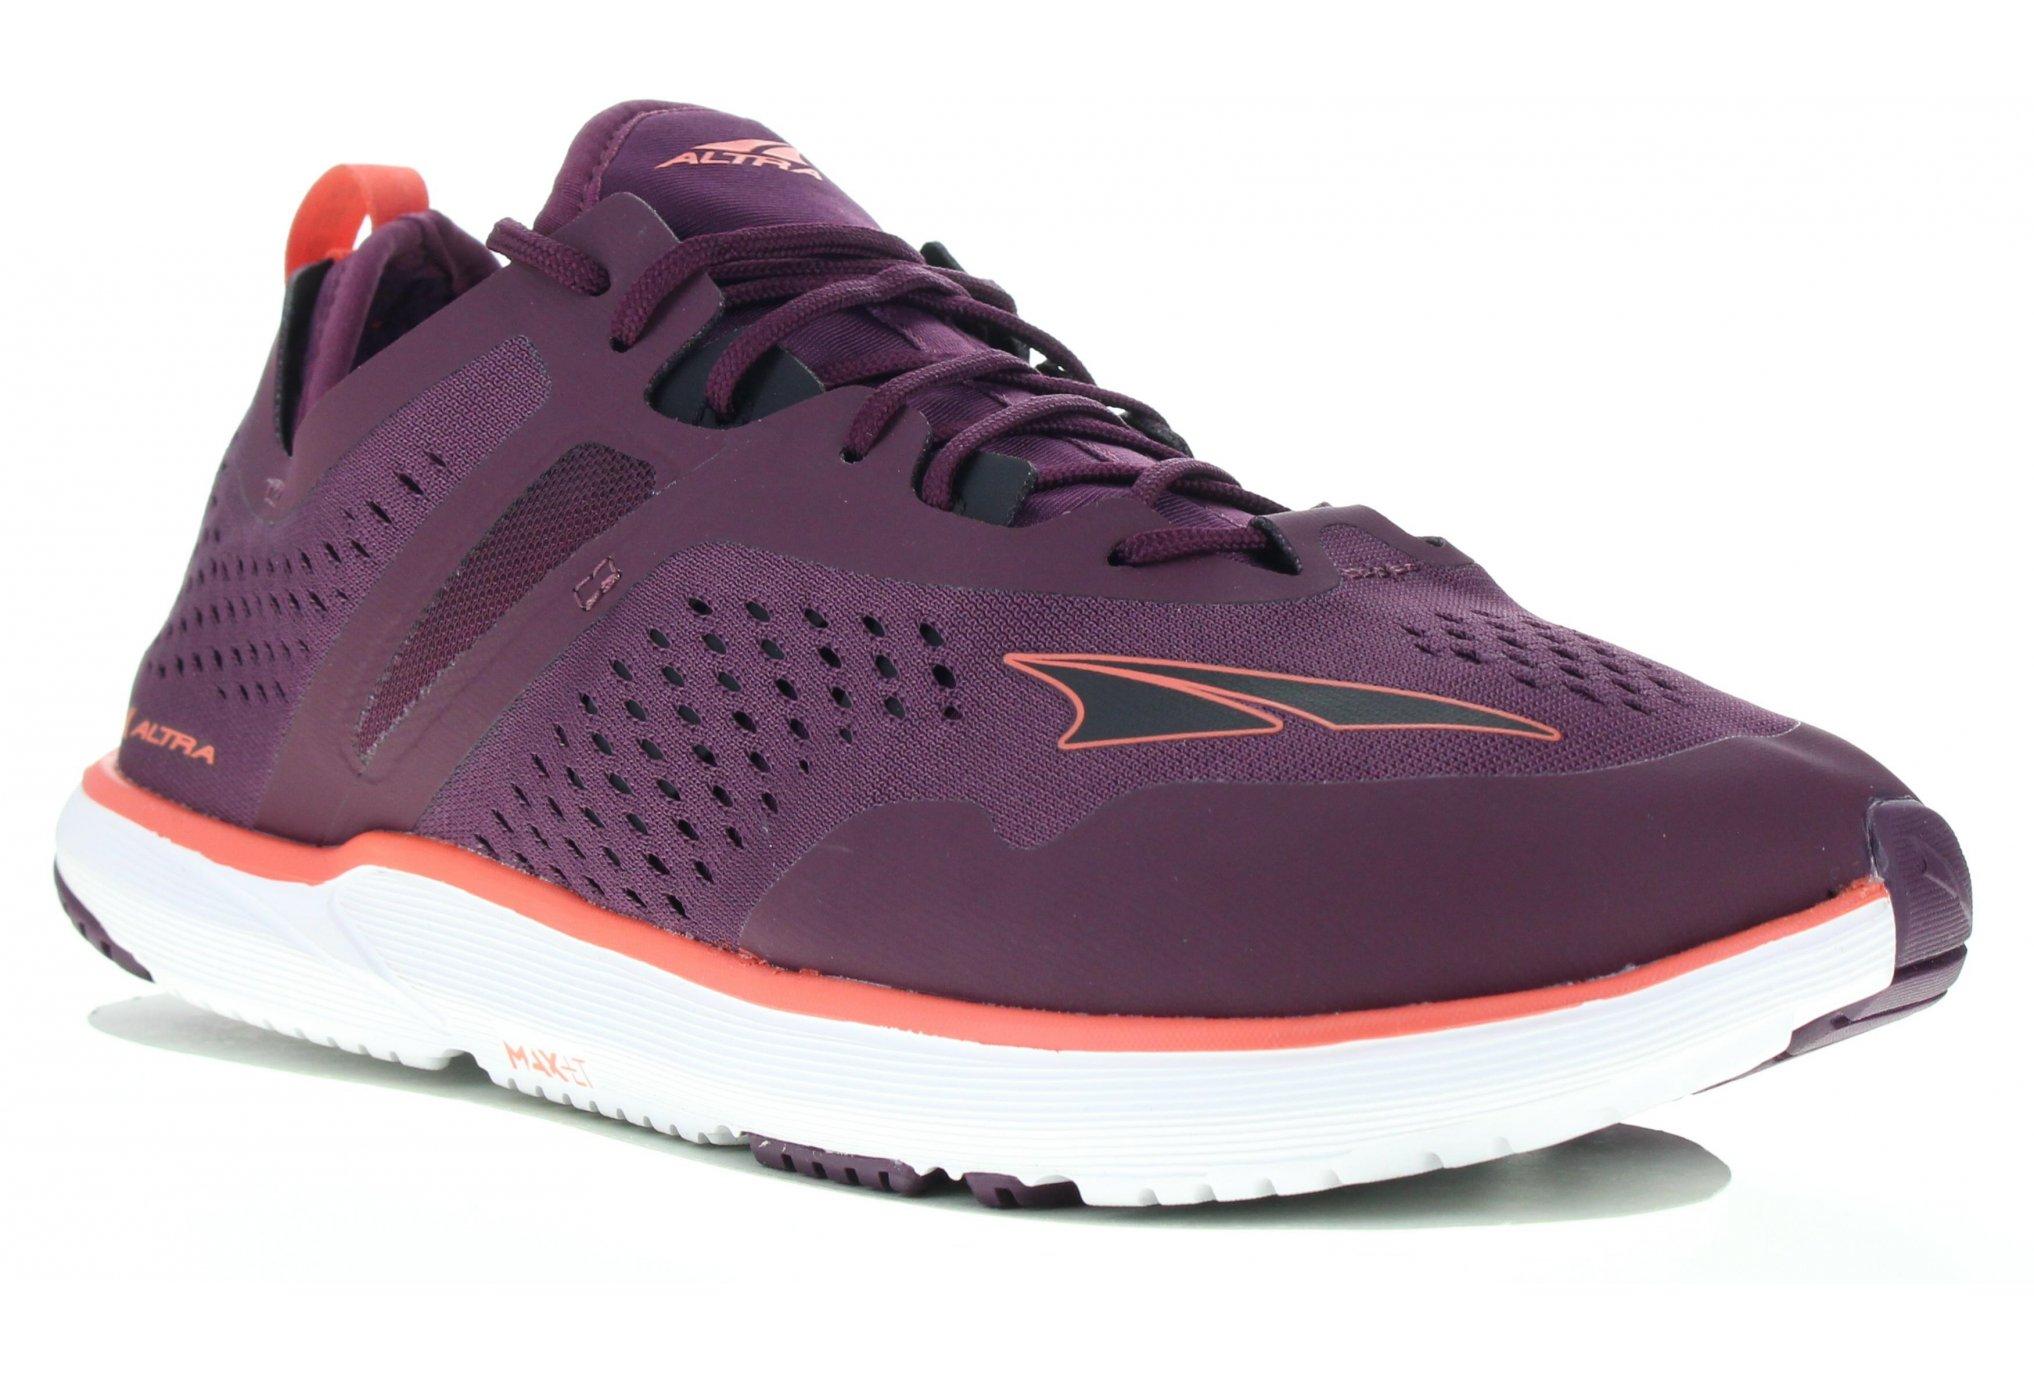 Altra Kayenta Chaussures running femme